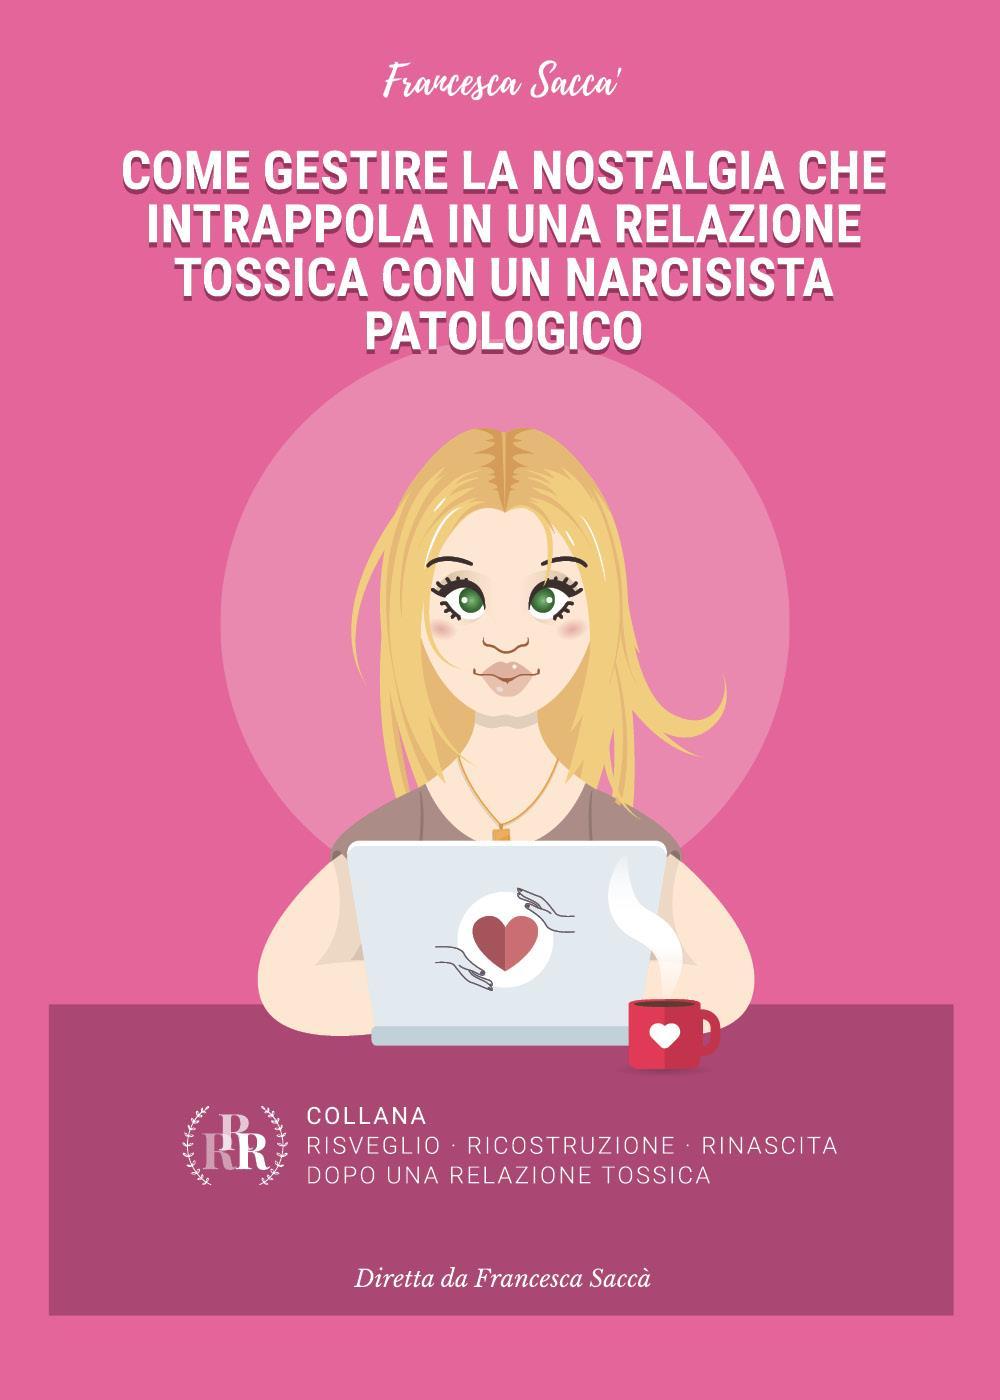 Come gestire la nostalgia che intrappola in una relazione tossica con un narcisista patologico